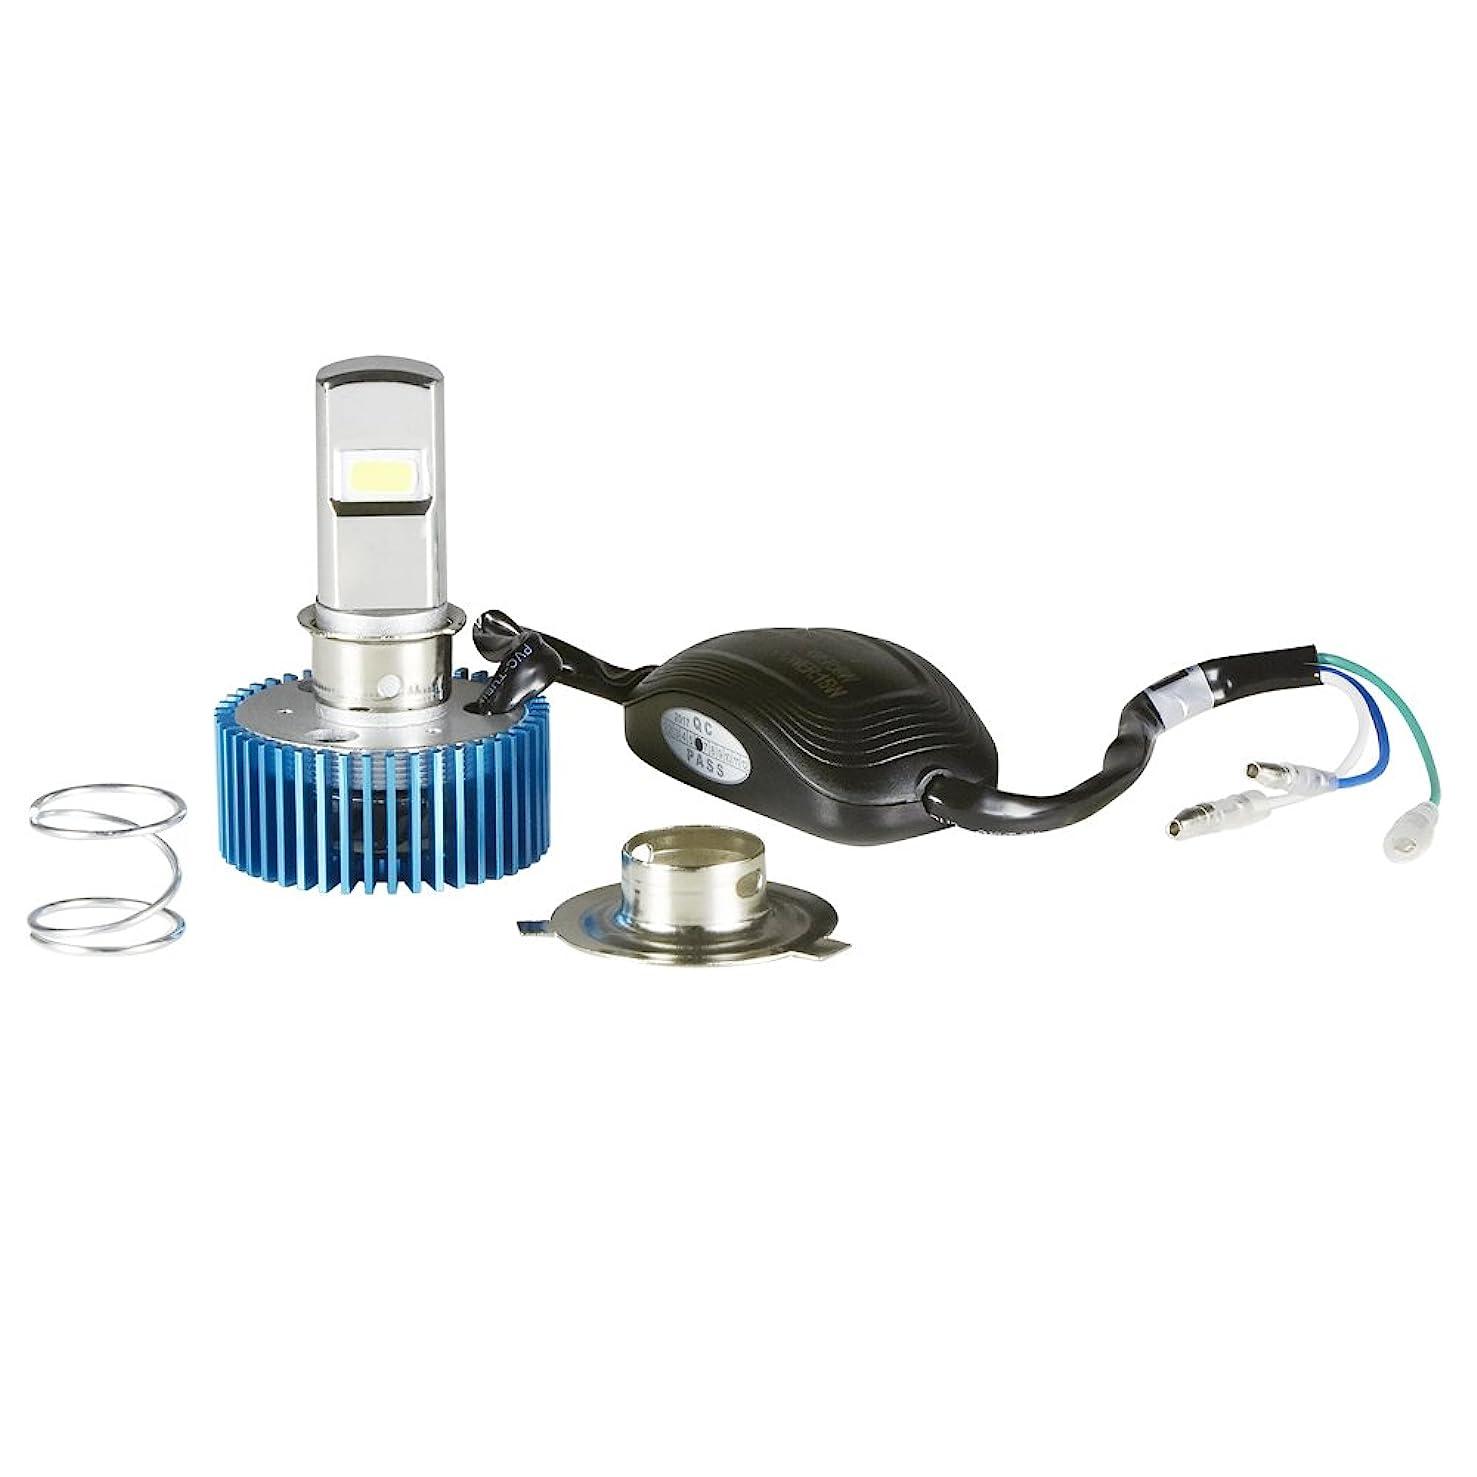 入口ビジョン召集するRAYD(レイド) LEDヘッドライト 原付 交流取付可能 Hi/Lo 15W/8W 切替機能有 PH7/PH8/H4